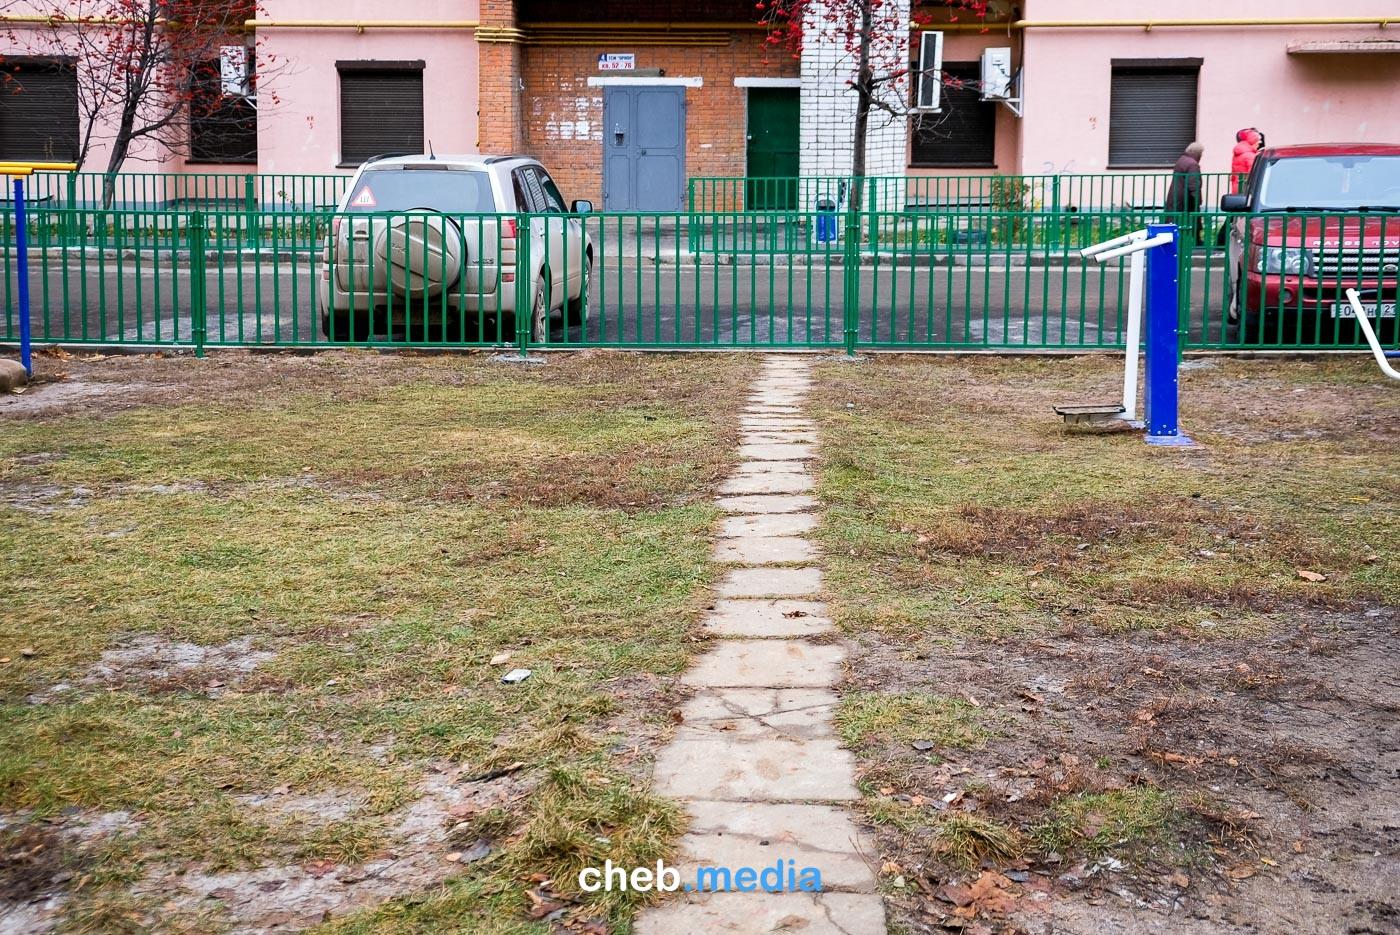 Благоустройство, которого мы заслуживаем: чебоксарские дворы после апгрейда